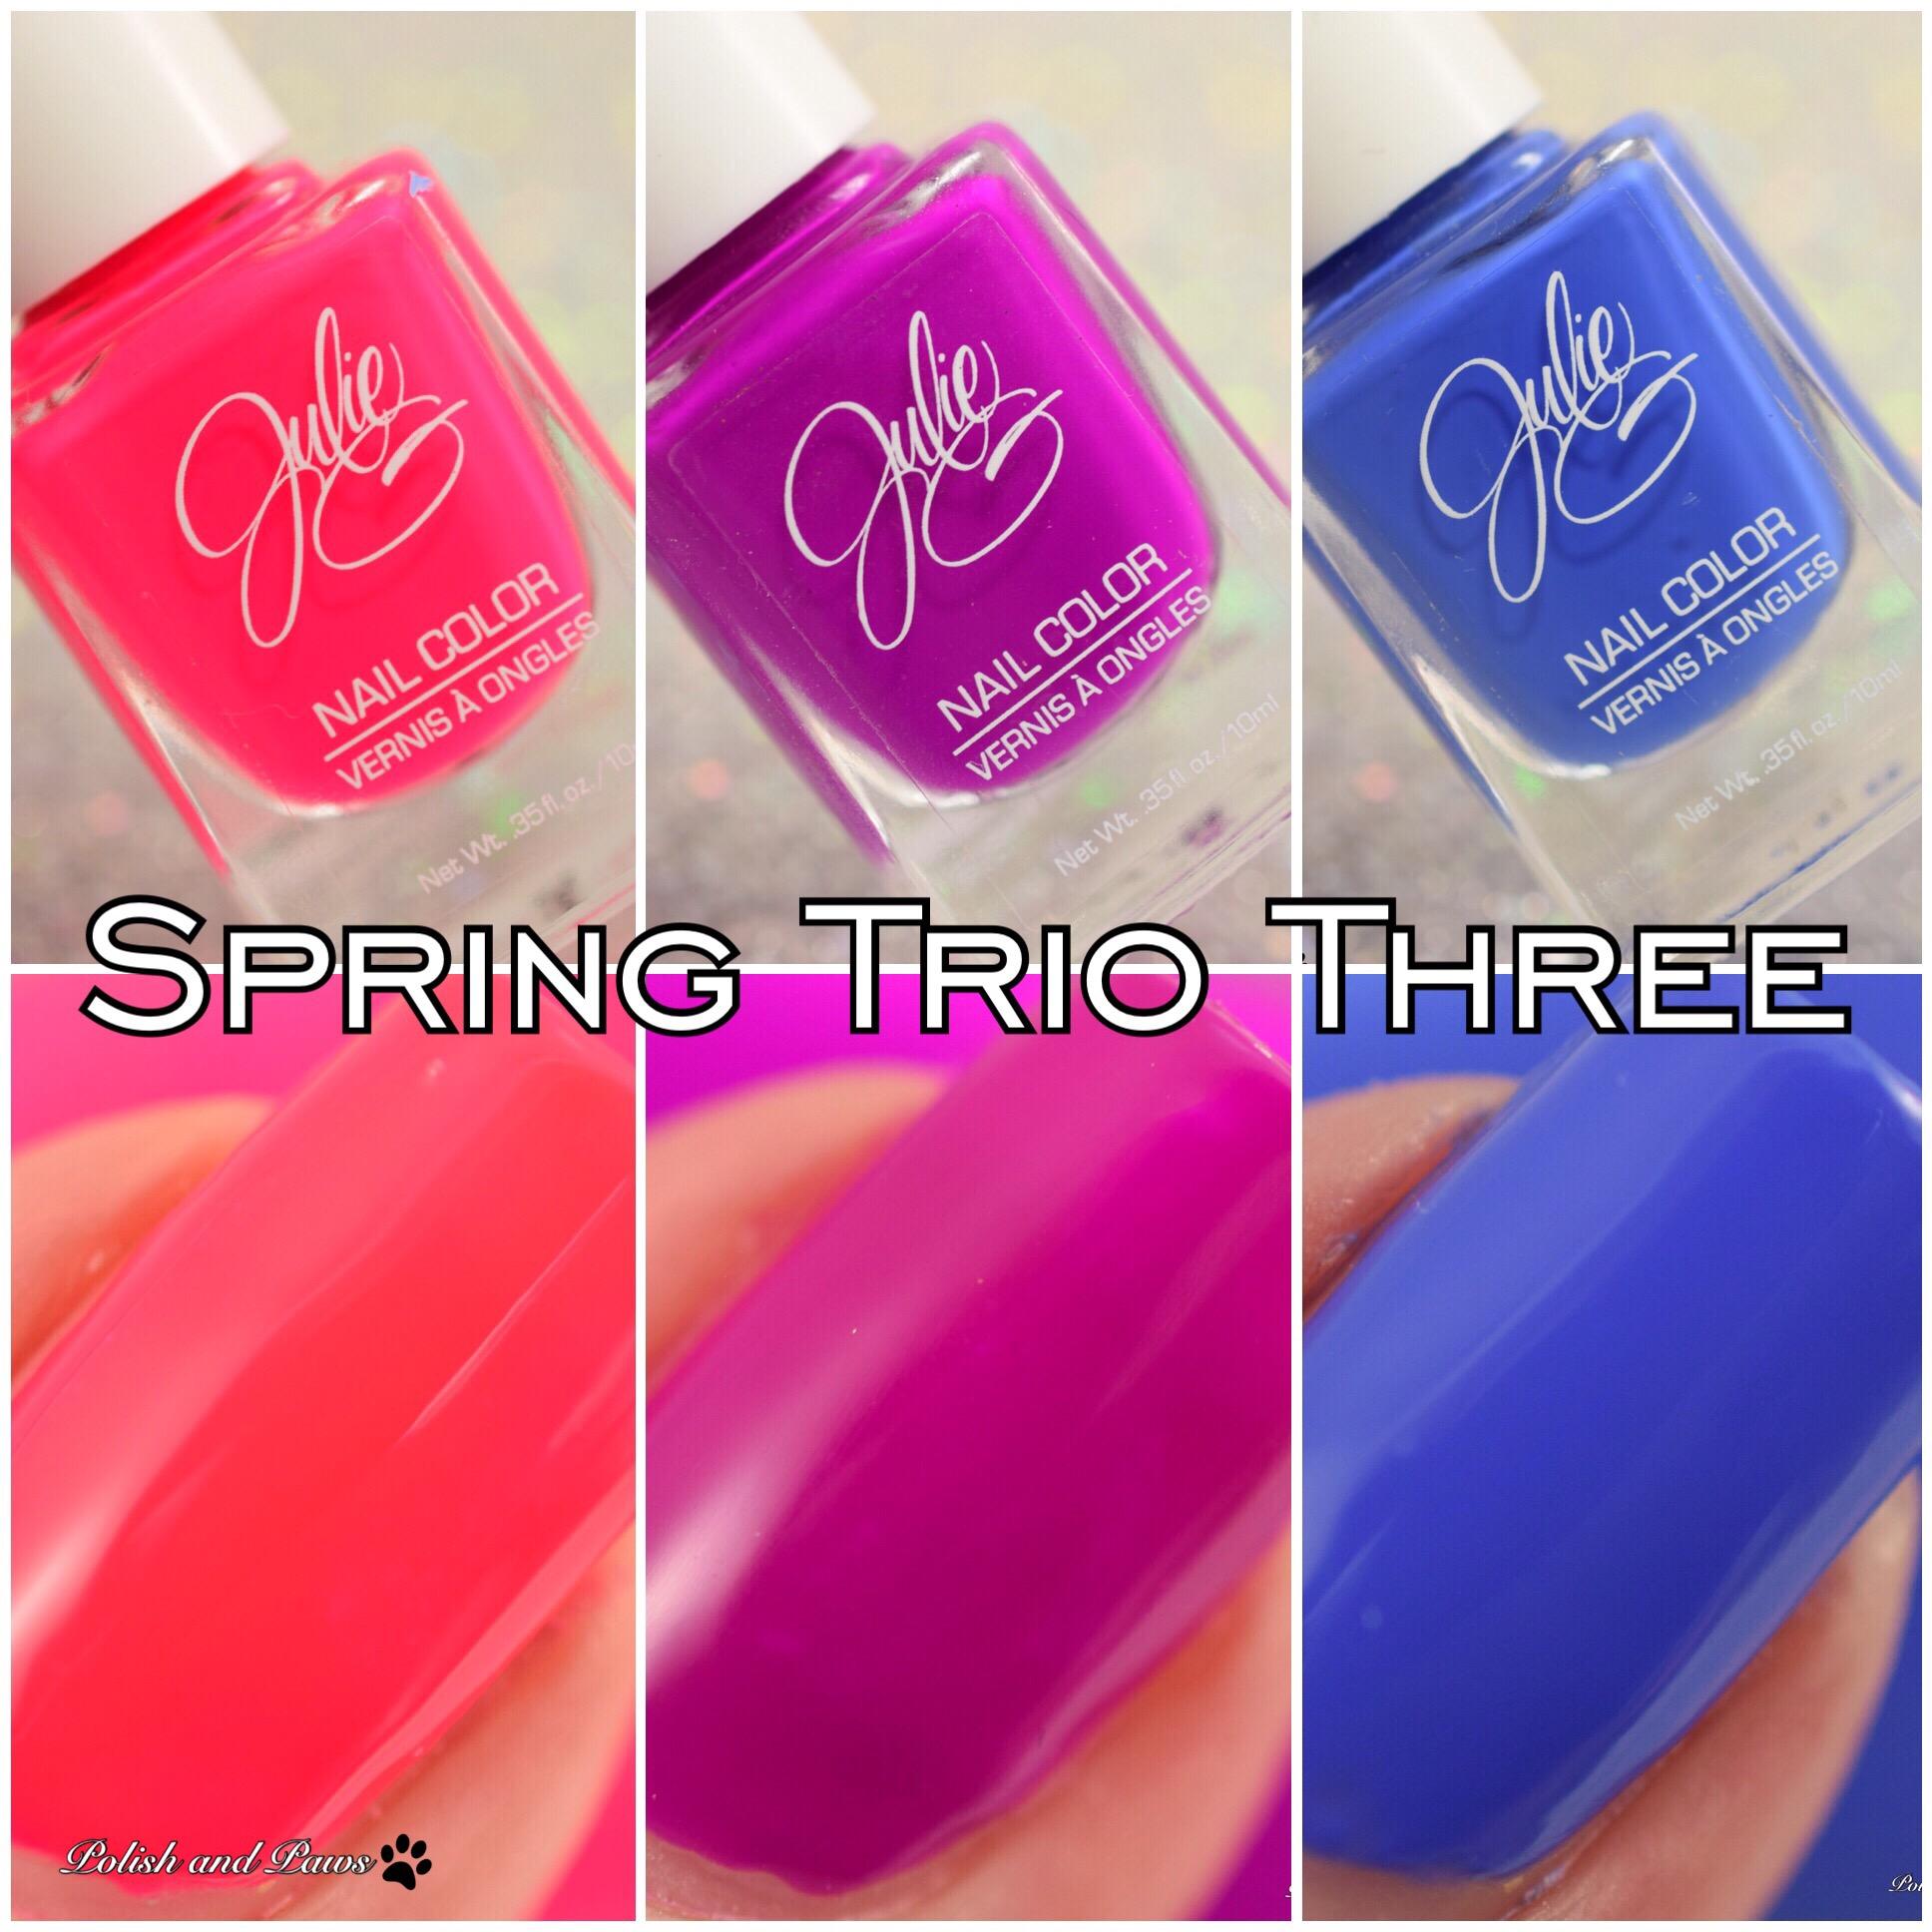 Julie G Spring Trio Three #3